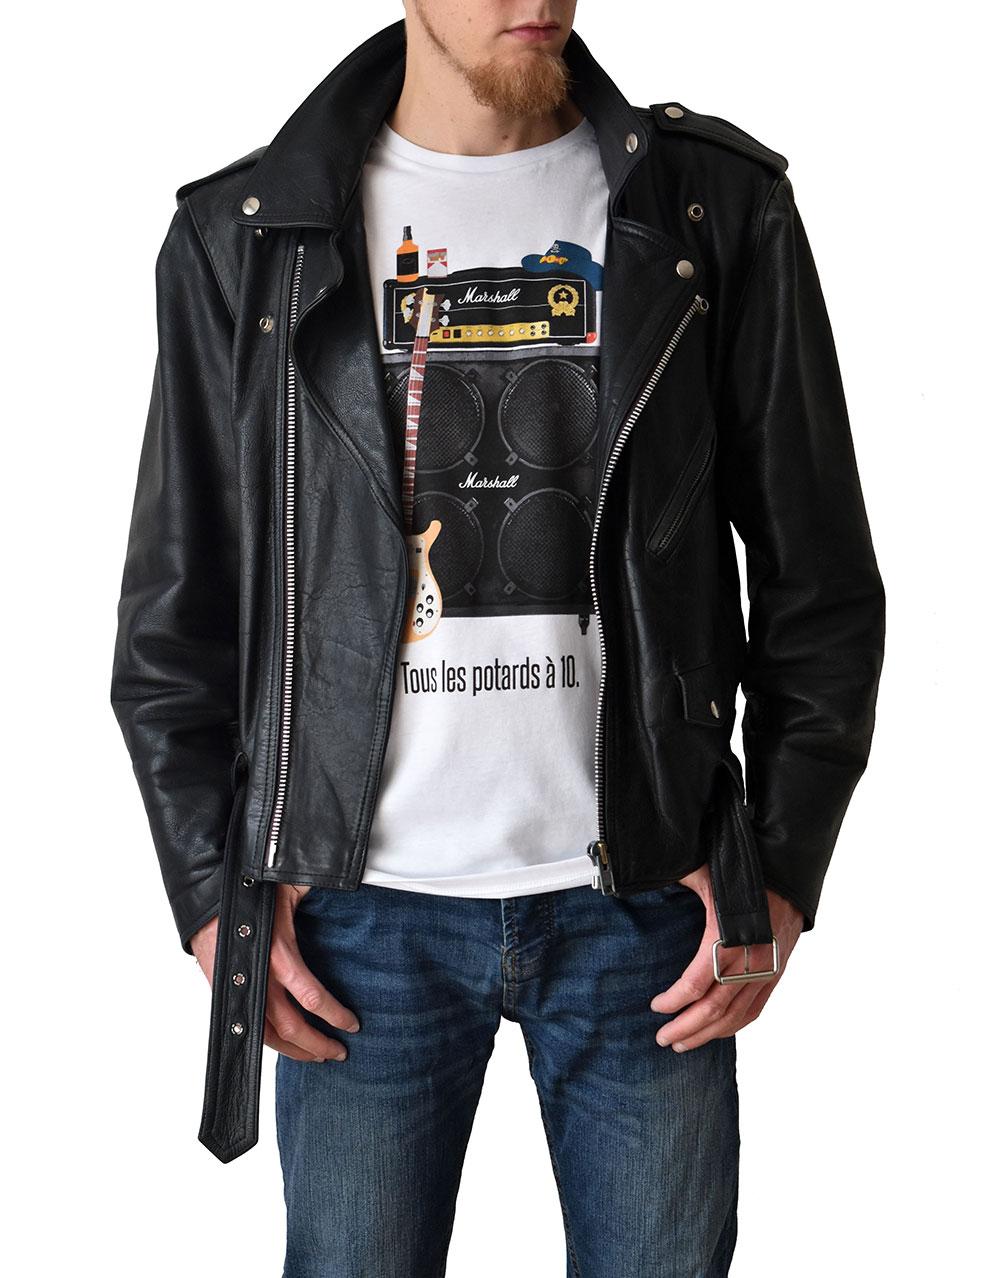 T Shirt Original Lemmy Kilmister